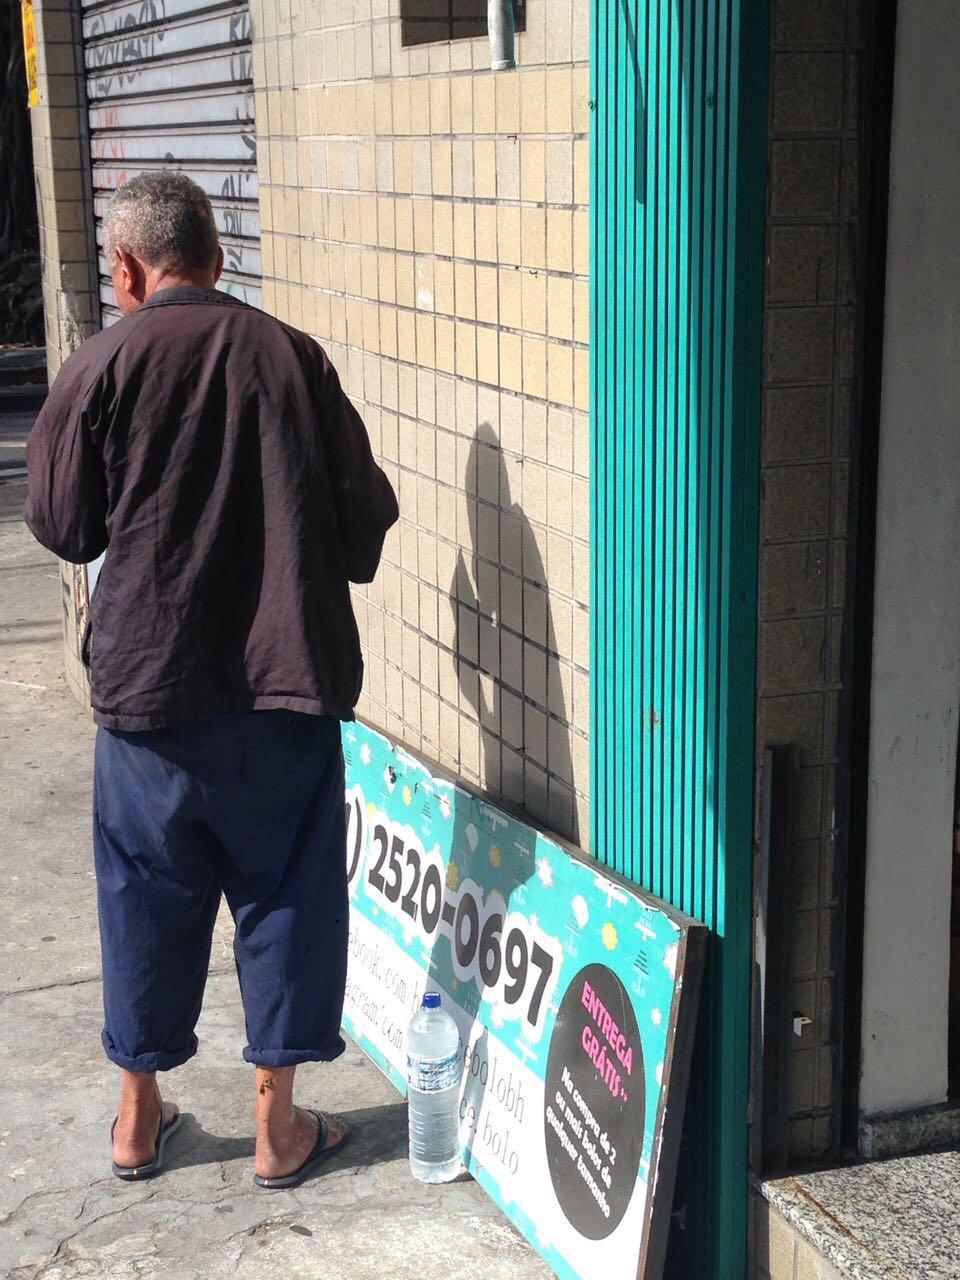 Empresária tem sempre um pedaço de bolo para moradores de rua que passam em sua loja 2